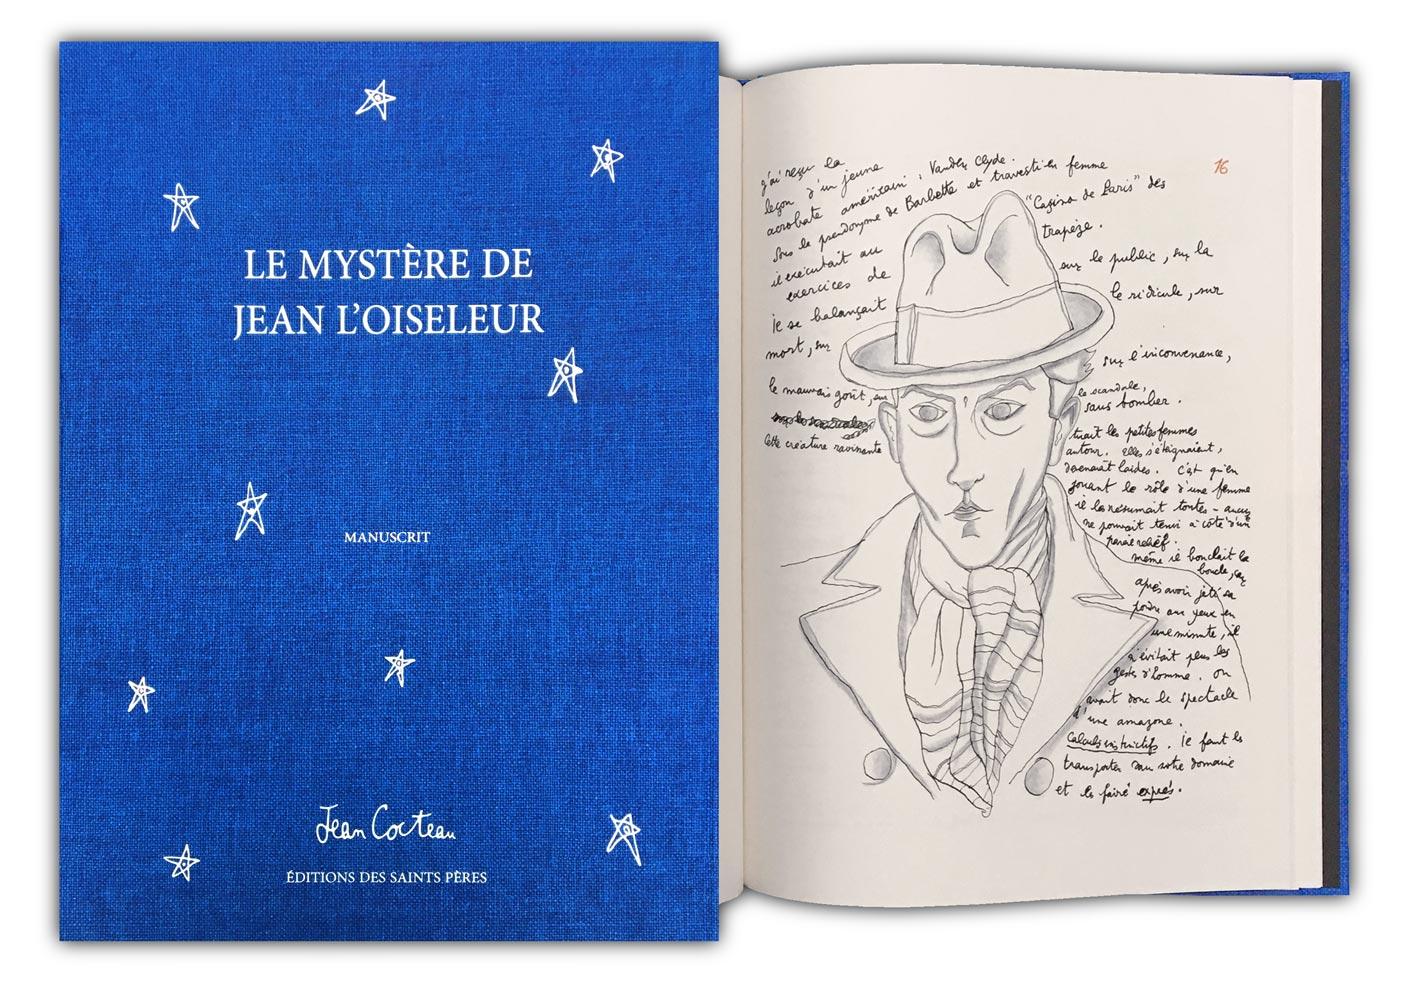 Jean cocteau : le mystere de jean l'oiseleur, the manuscript